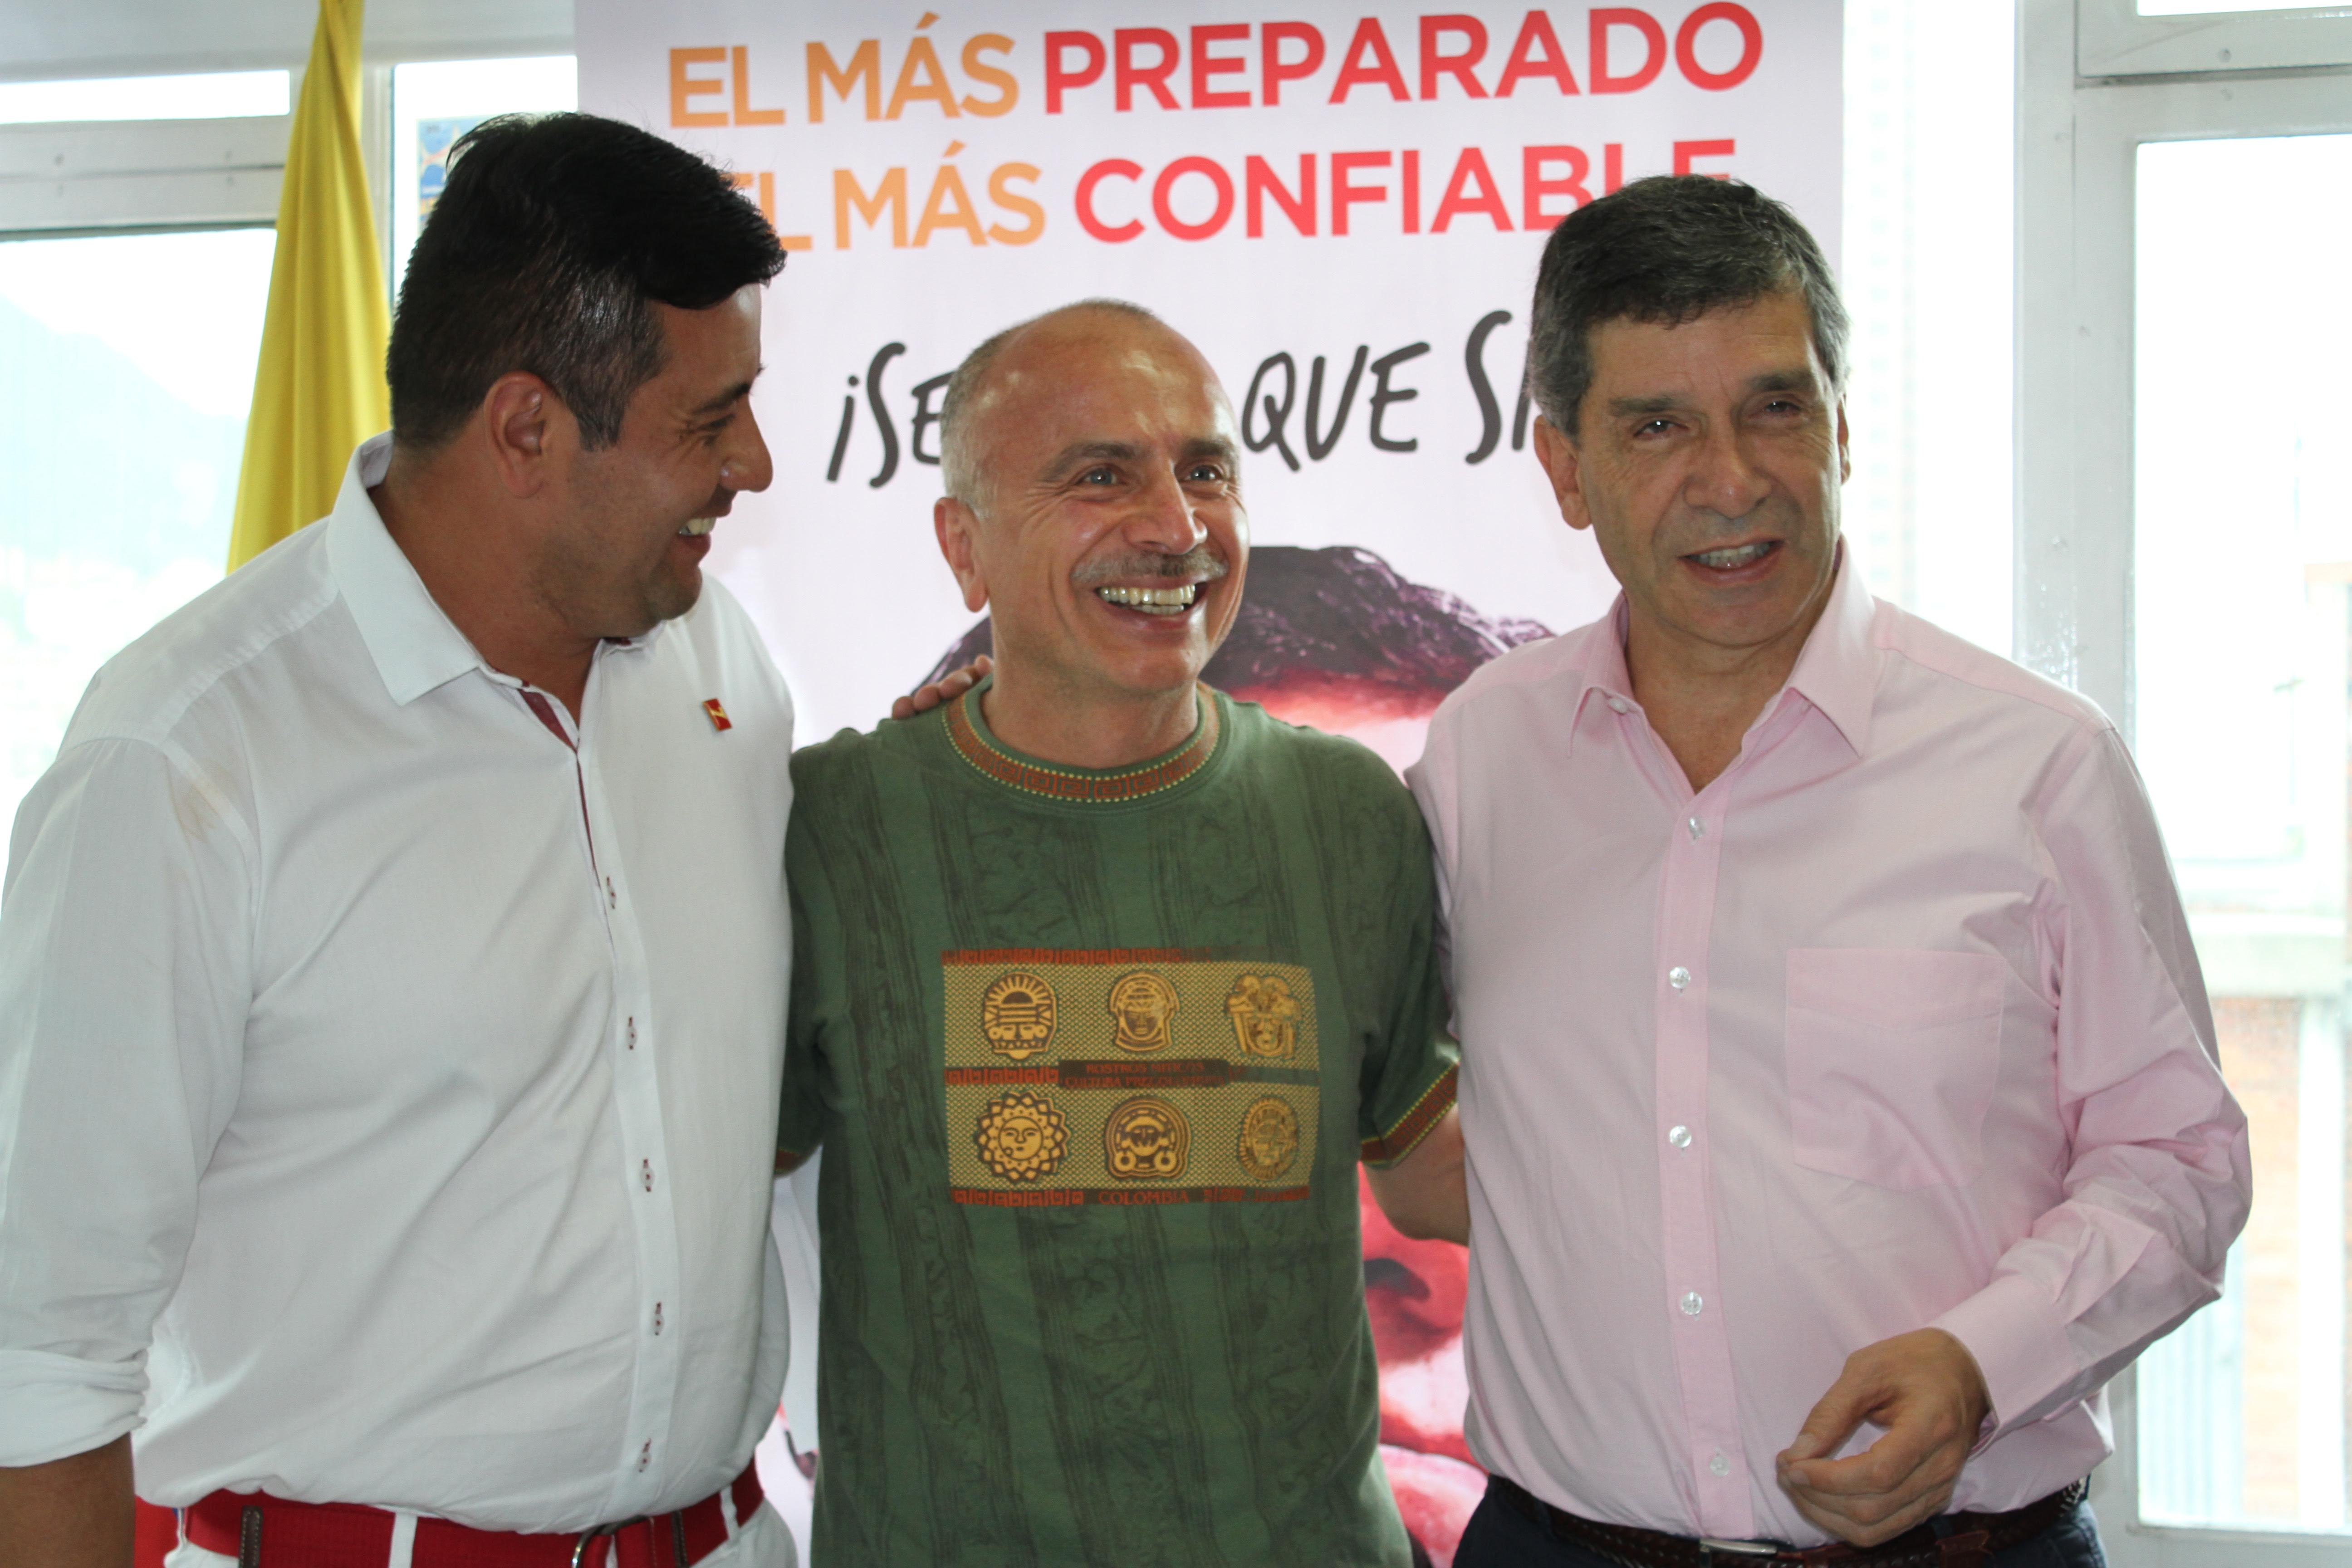 Pardo garantizará formalización laboral y empleo decente en Bogotá